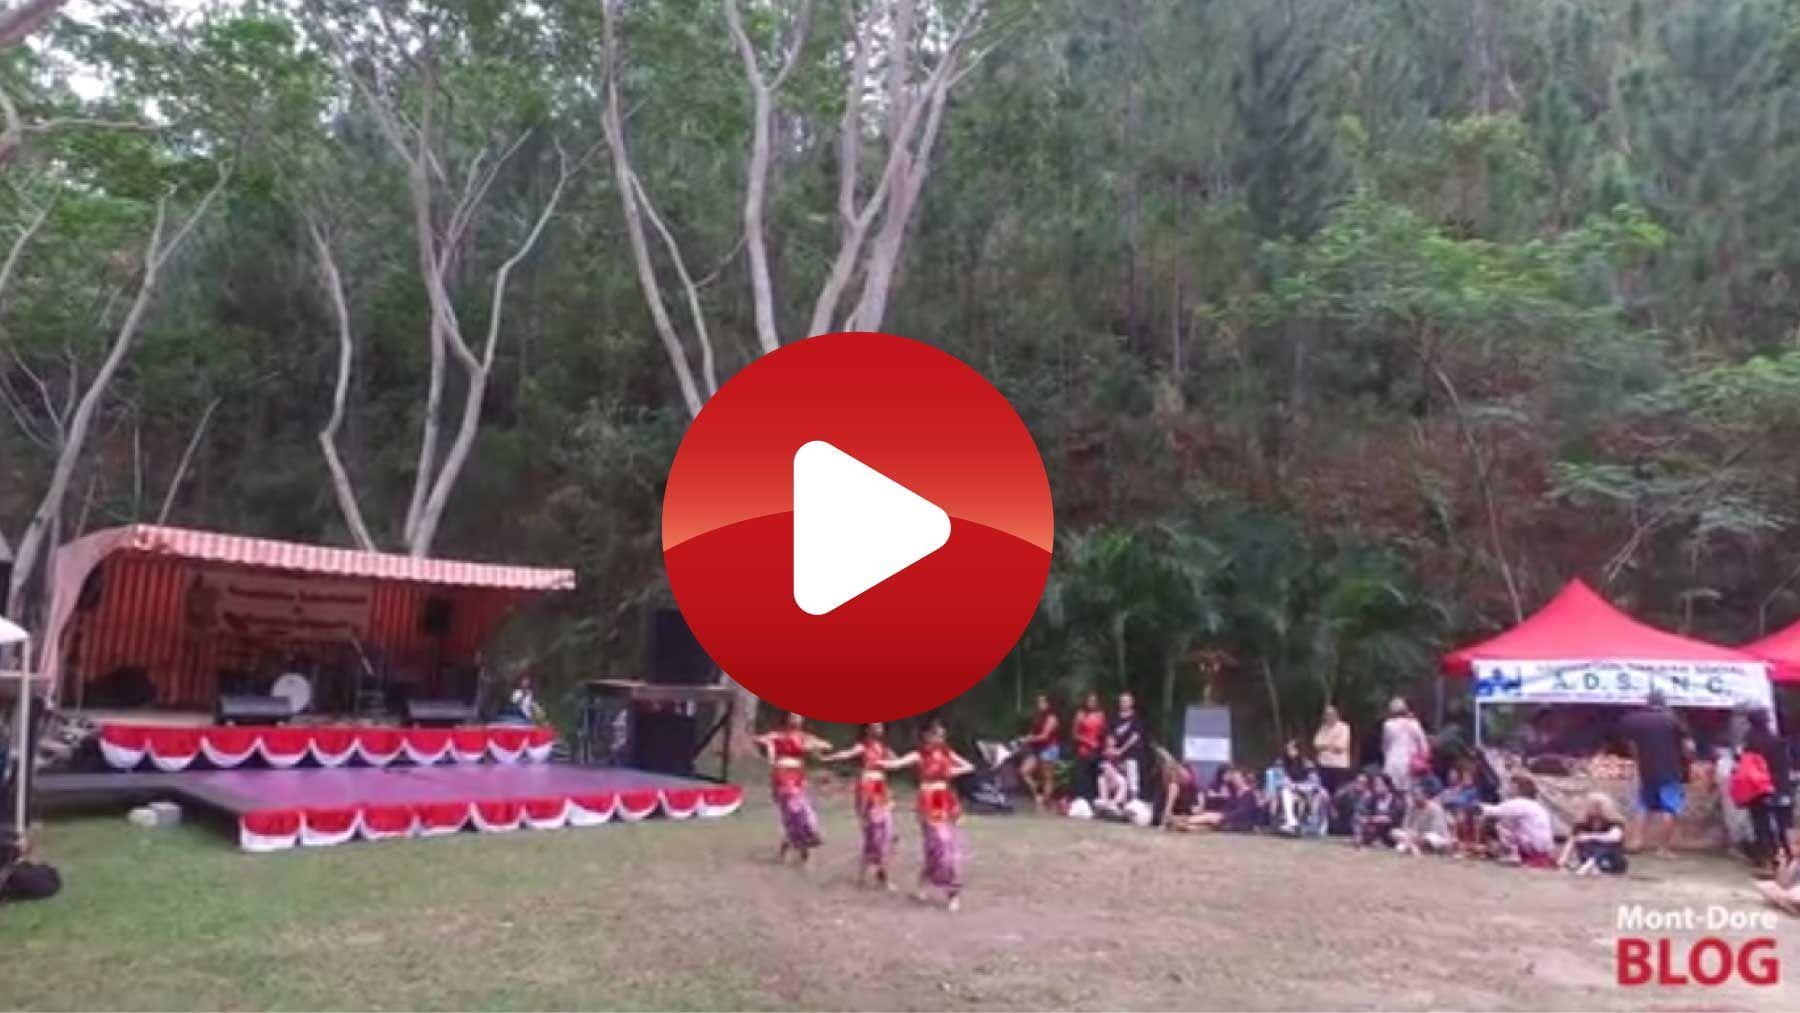 danse traditionnelles indonesiennes 6hyep7fao7gc2afwon9wbkmfeilm559xwpxixyukrww Journée récréative Indonésienne à Robinson (Edition 2017)